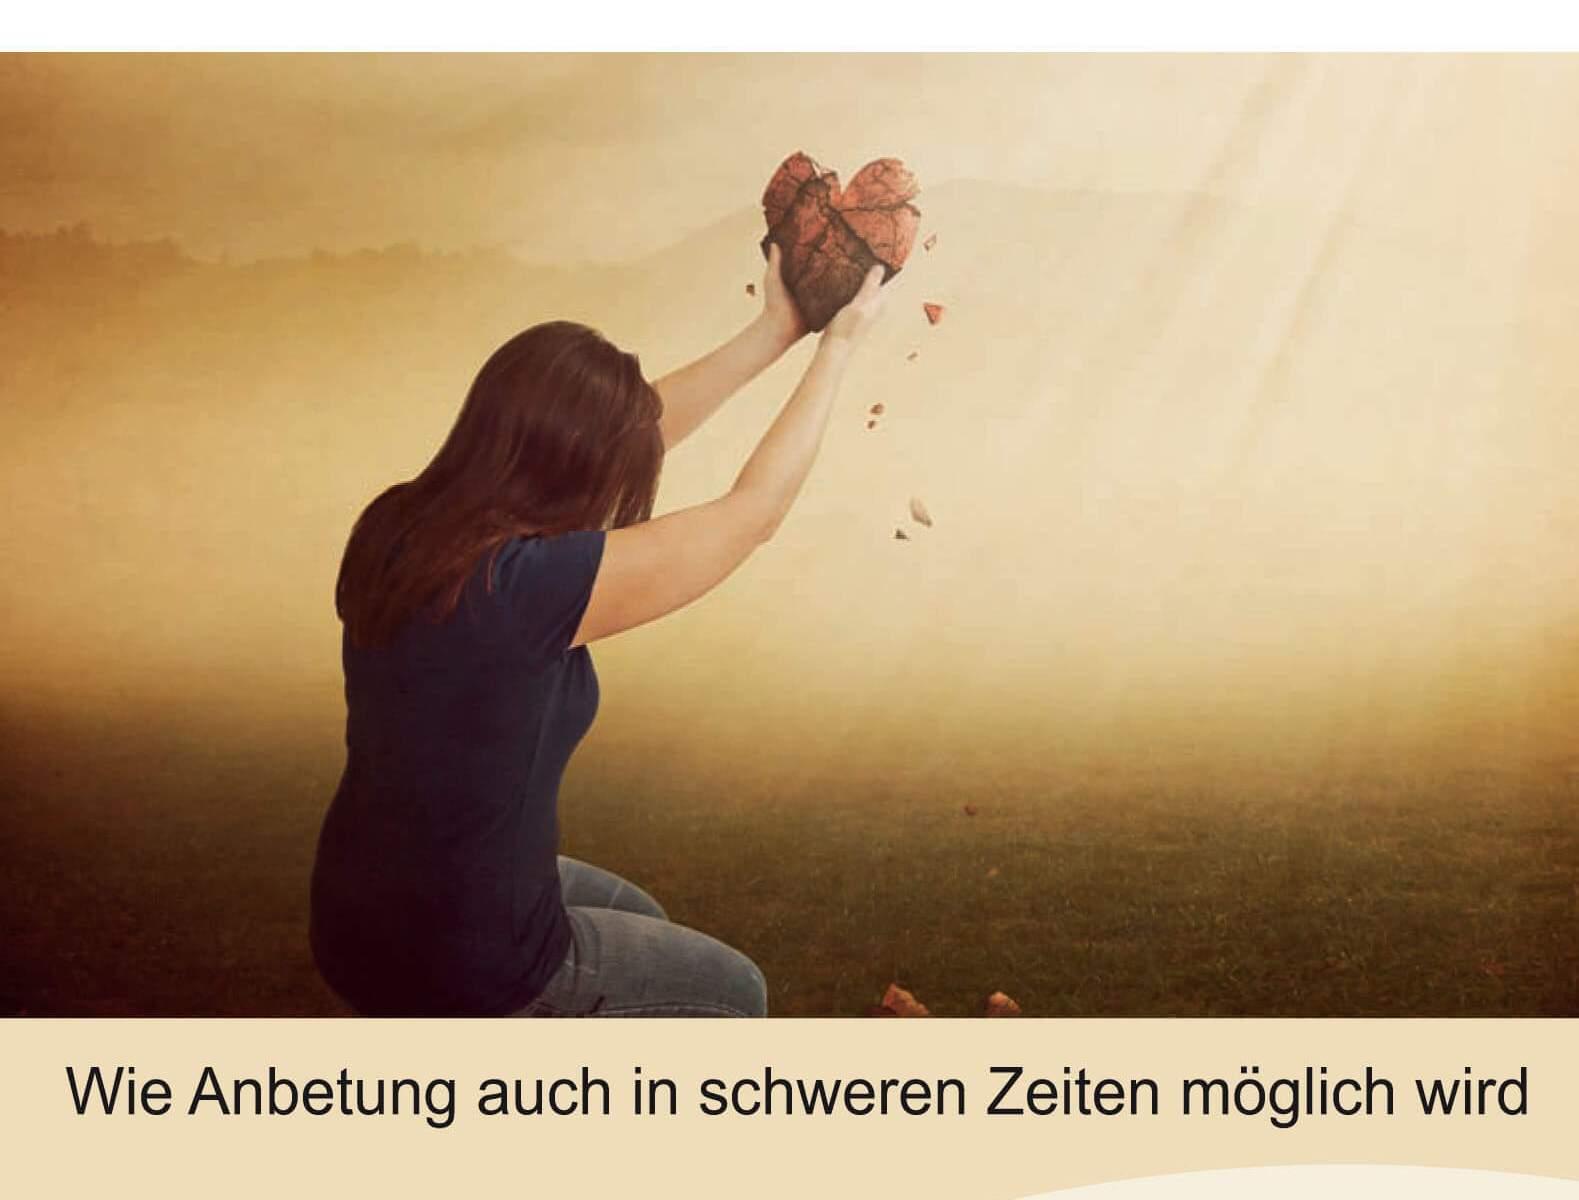 """Buchcover: """"Wenn Leid zum Himmel schreit"""" - Wie Anbetung auch in schweren Zeiten möglich wird."""